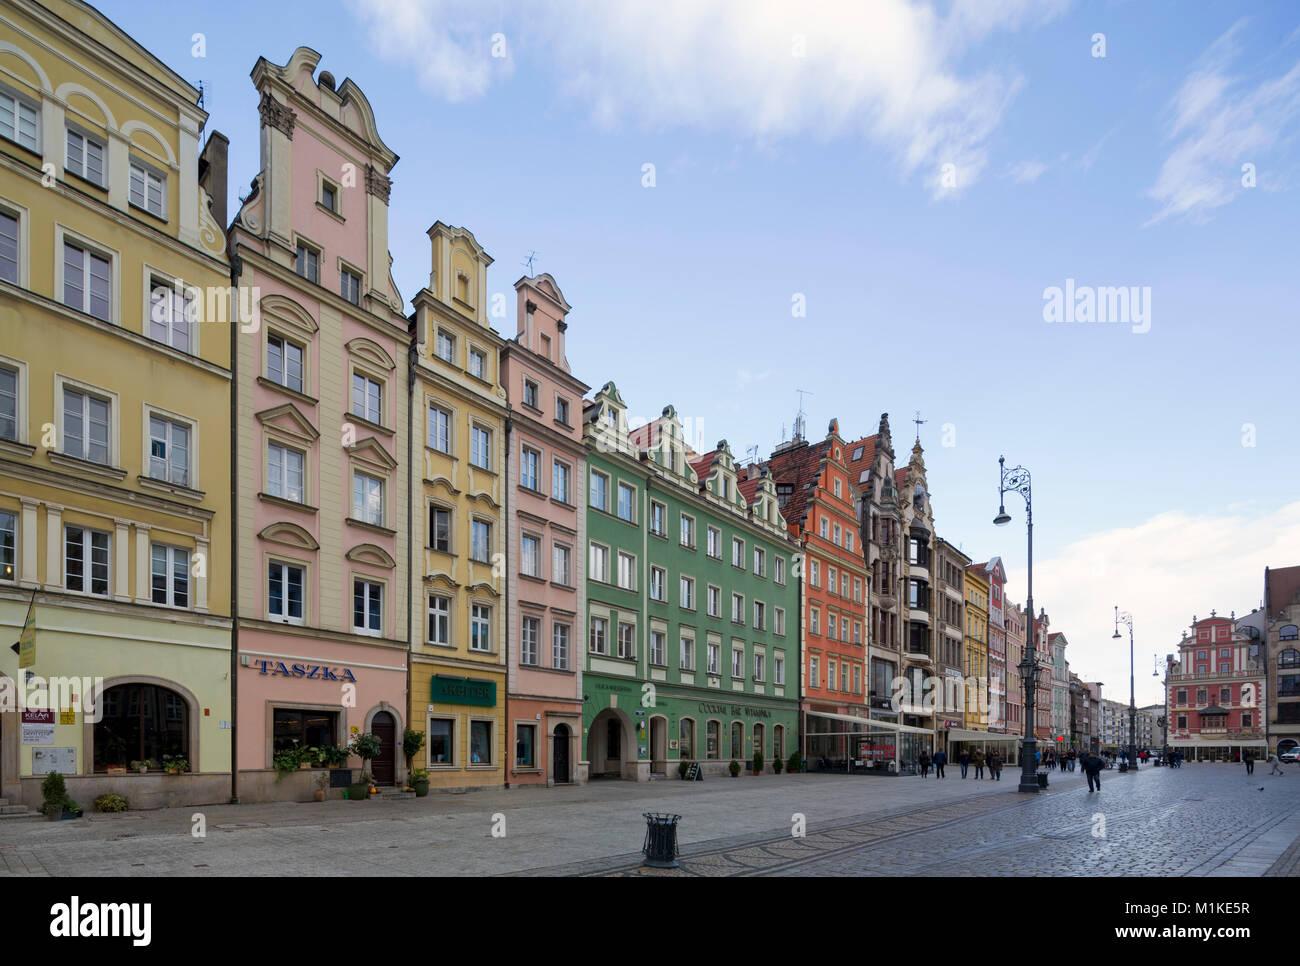 Wroclaw Breslau, Großer Ring (polnisch Rynek), Marktplatz nördlicher Teil, Bürgerhäuser - Stock Image